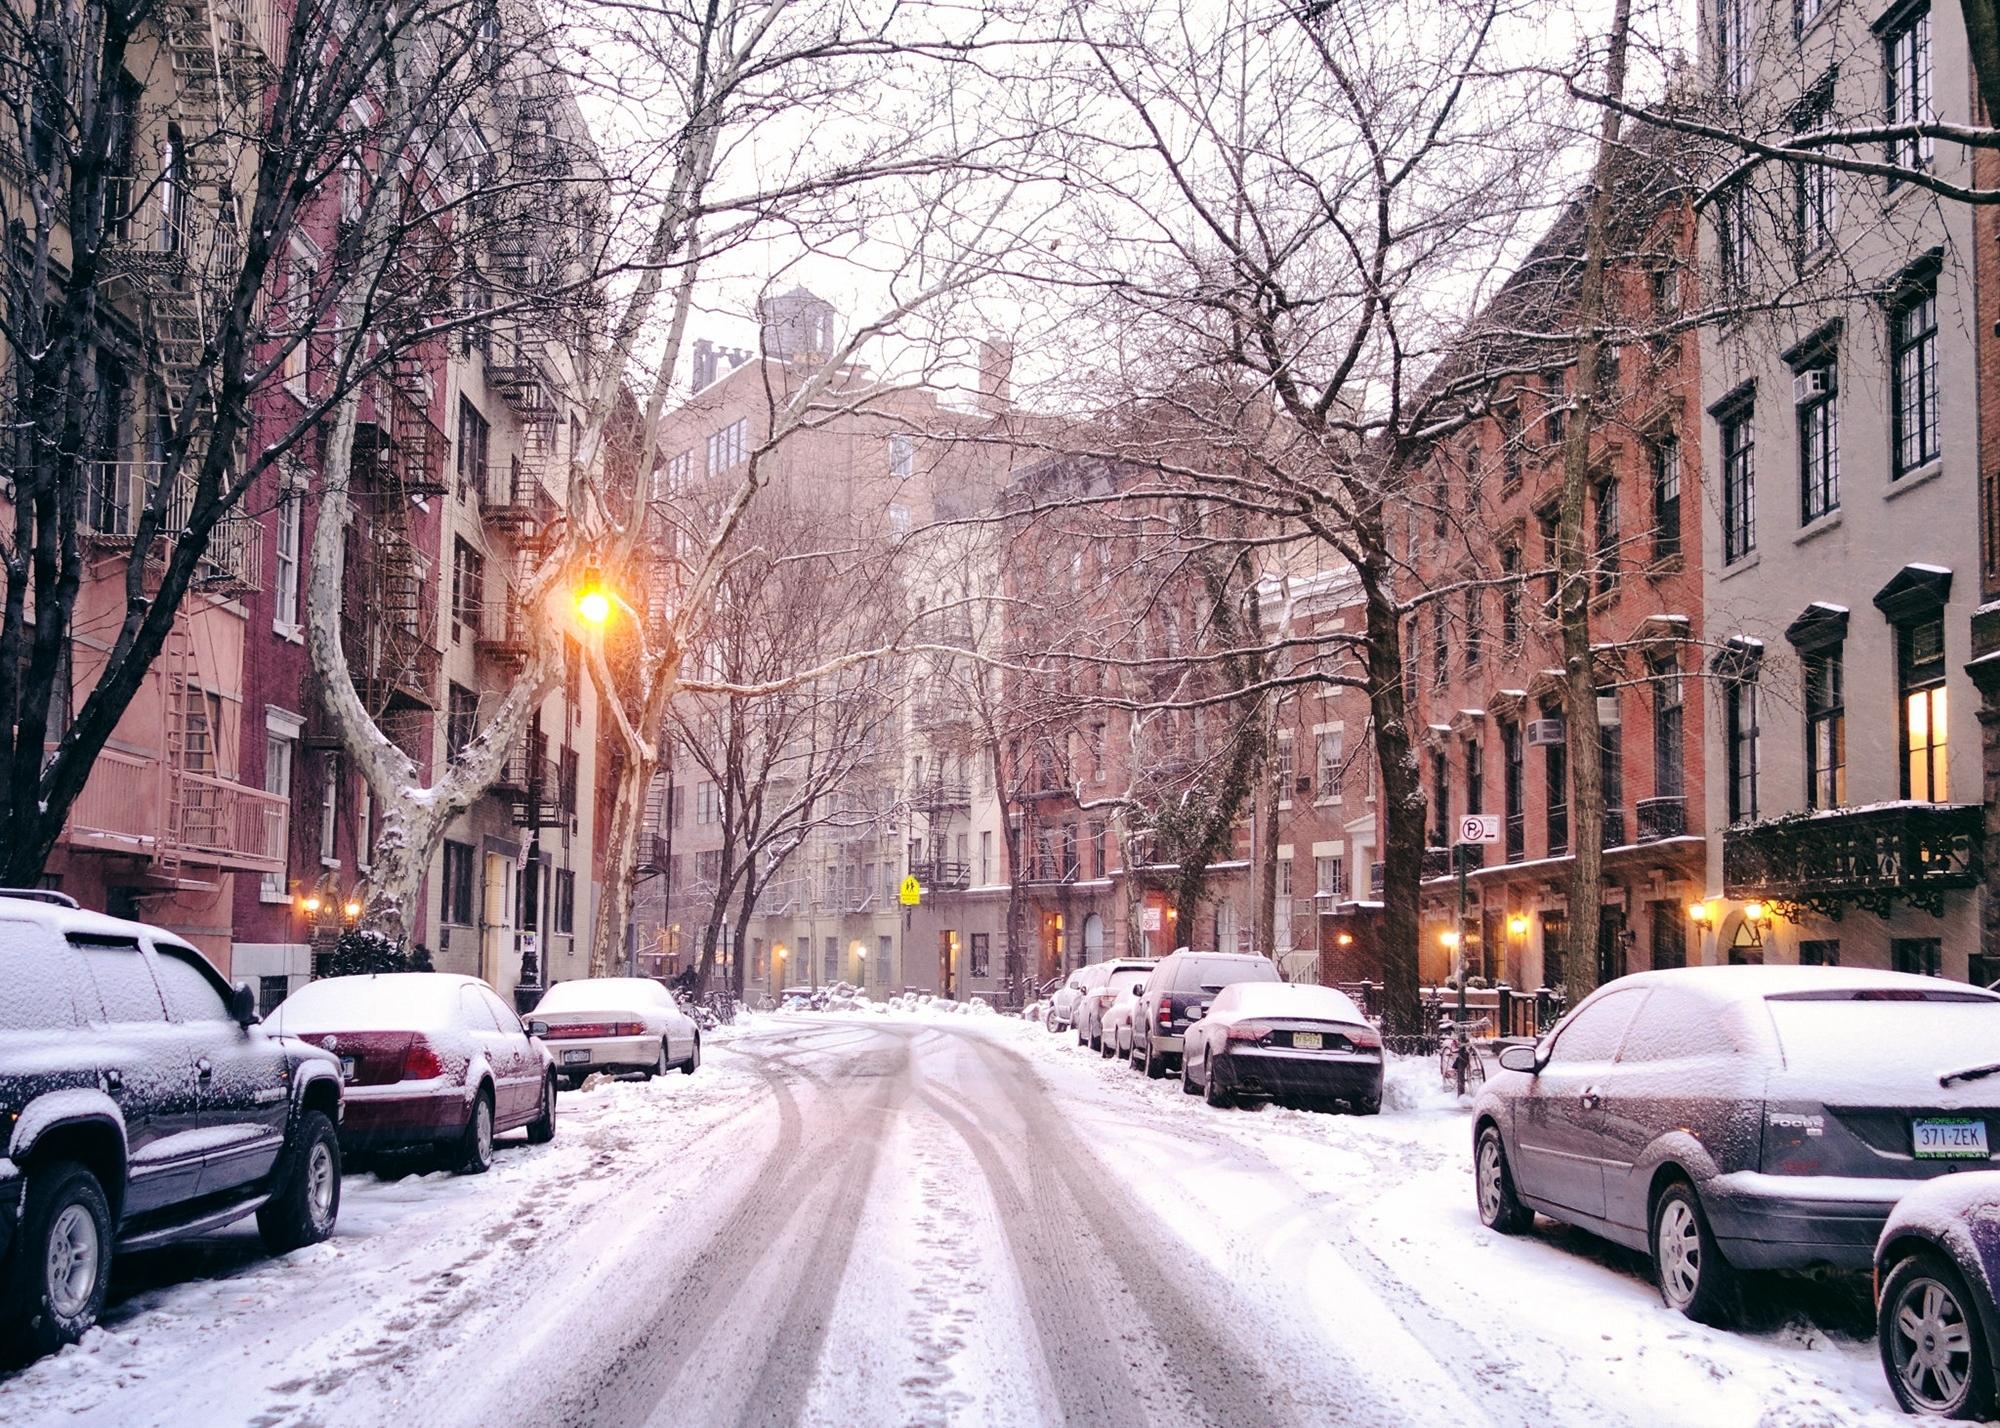 Winter city - Miriadna